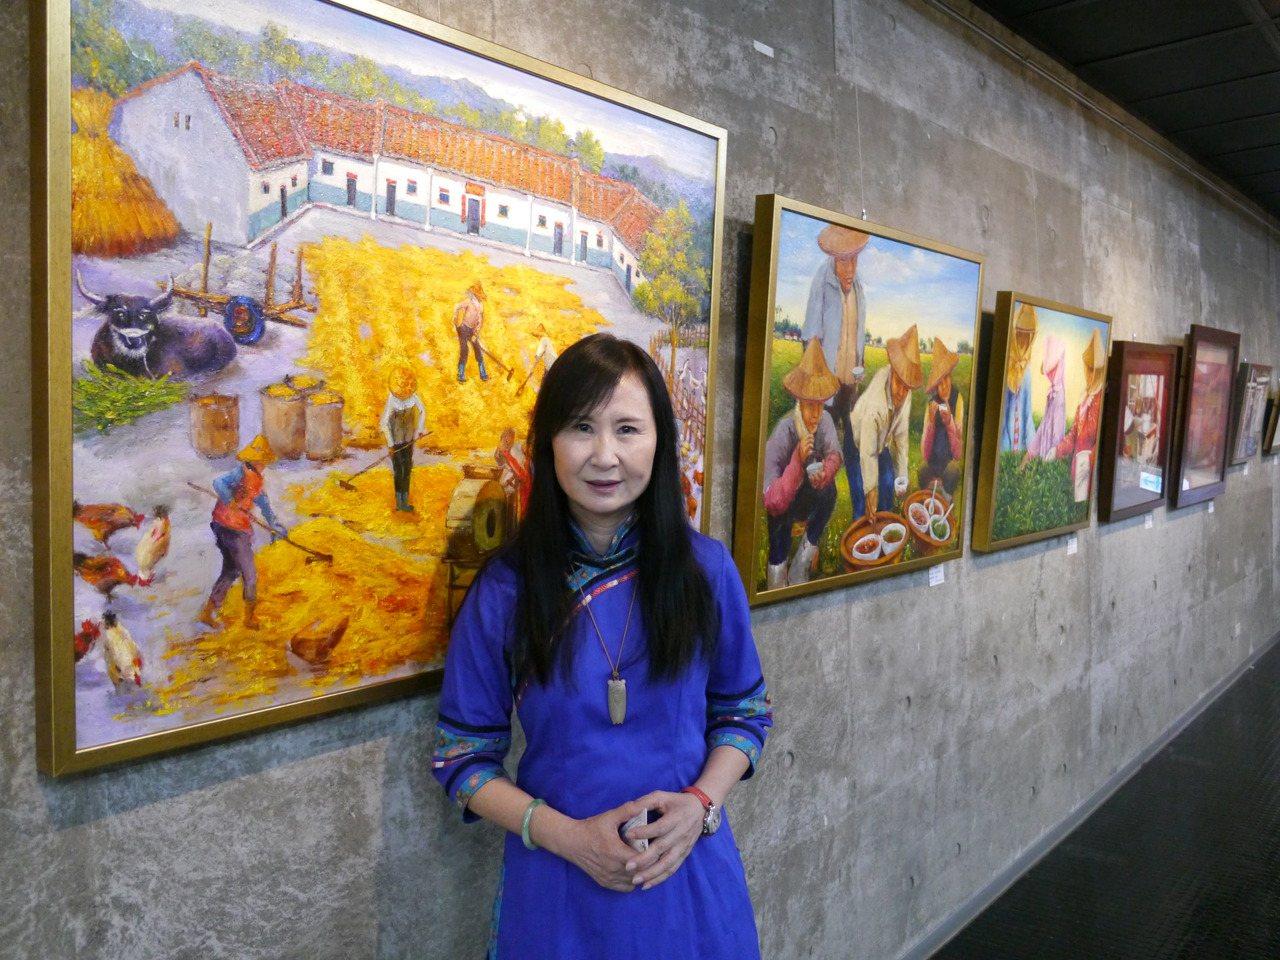 畫家張美蓮首度返回美濃家鄉開畫展,身後的三合院與割稻禾用餐場景,全透過畫筆呈現年...